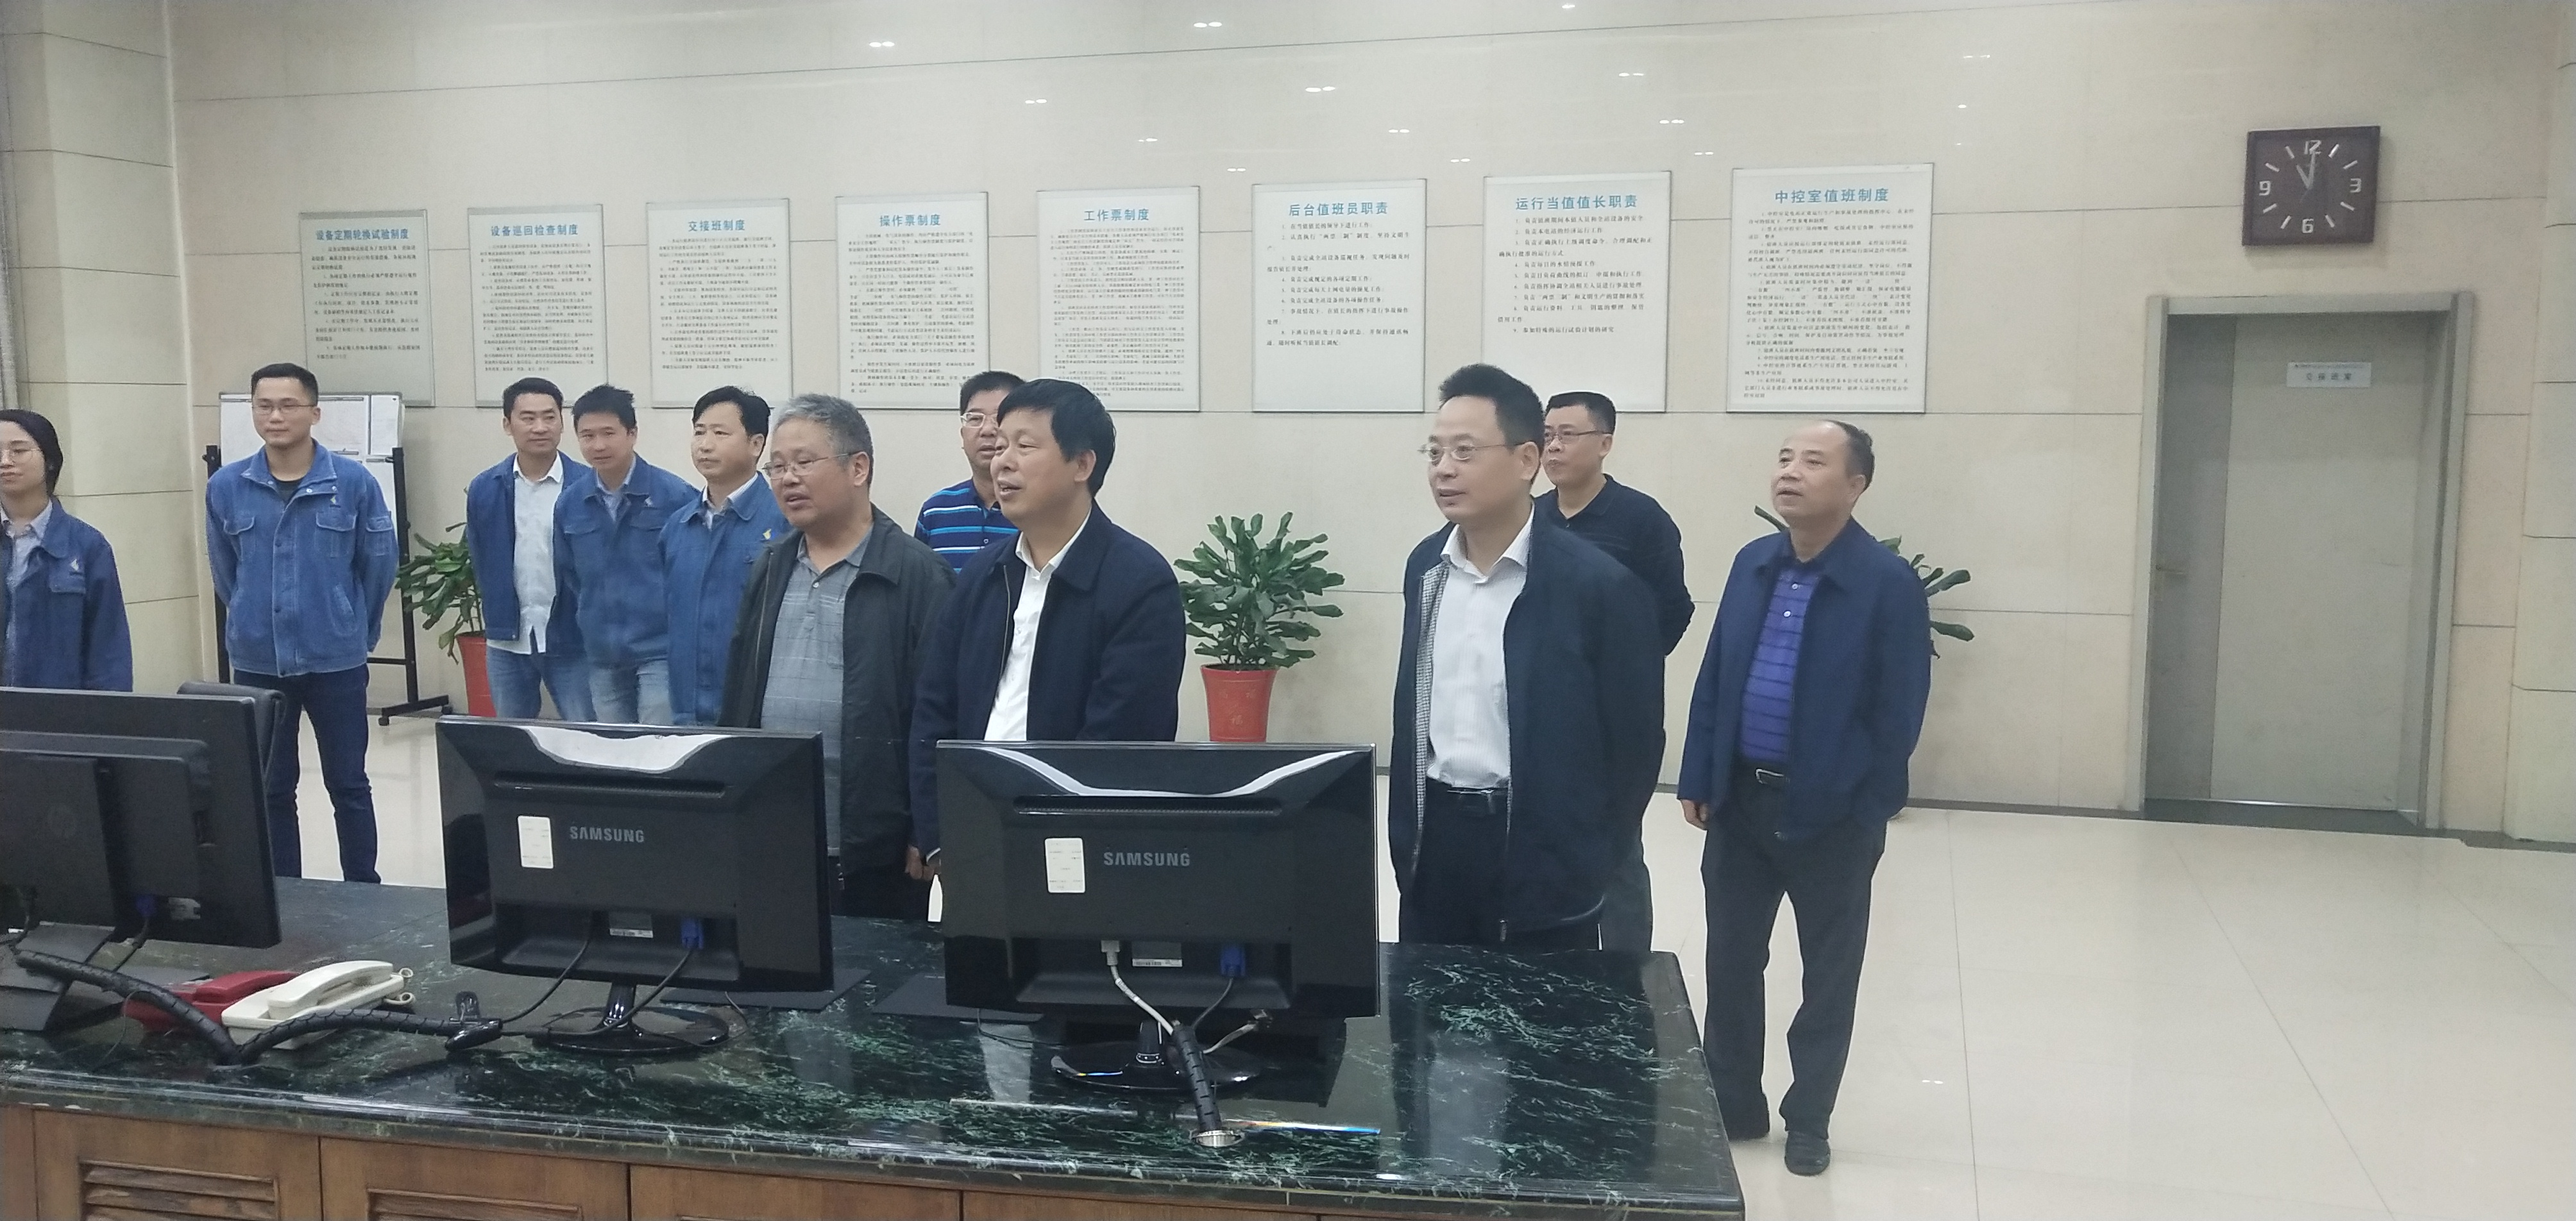 谭建华赴株洲航电分公司调研